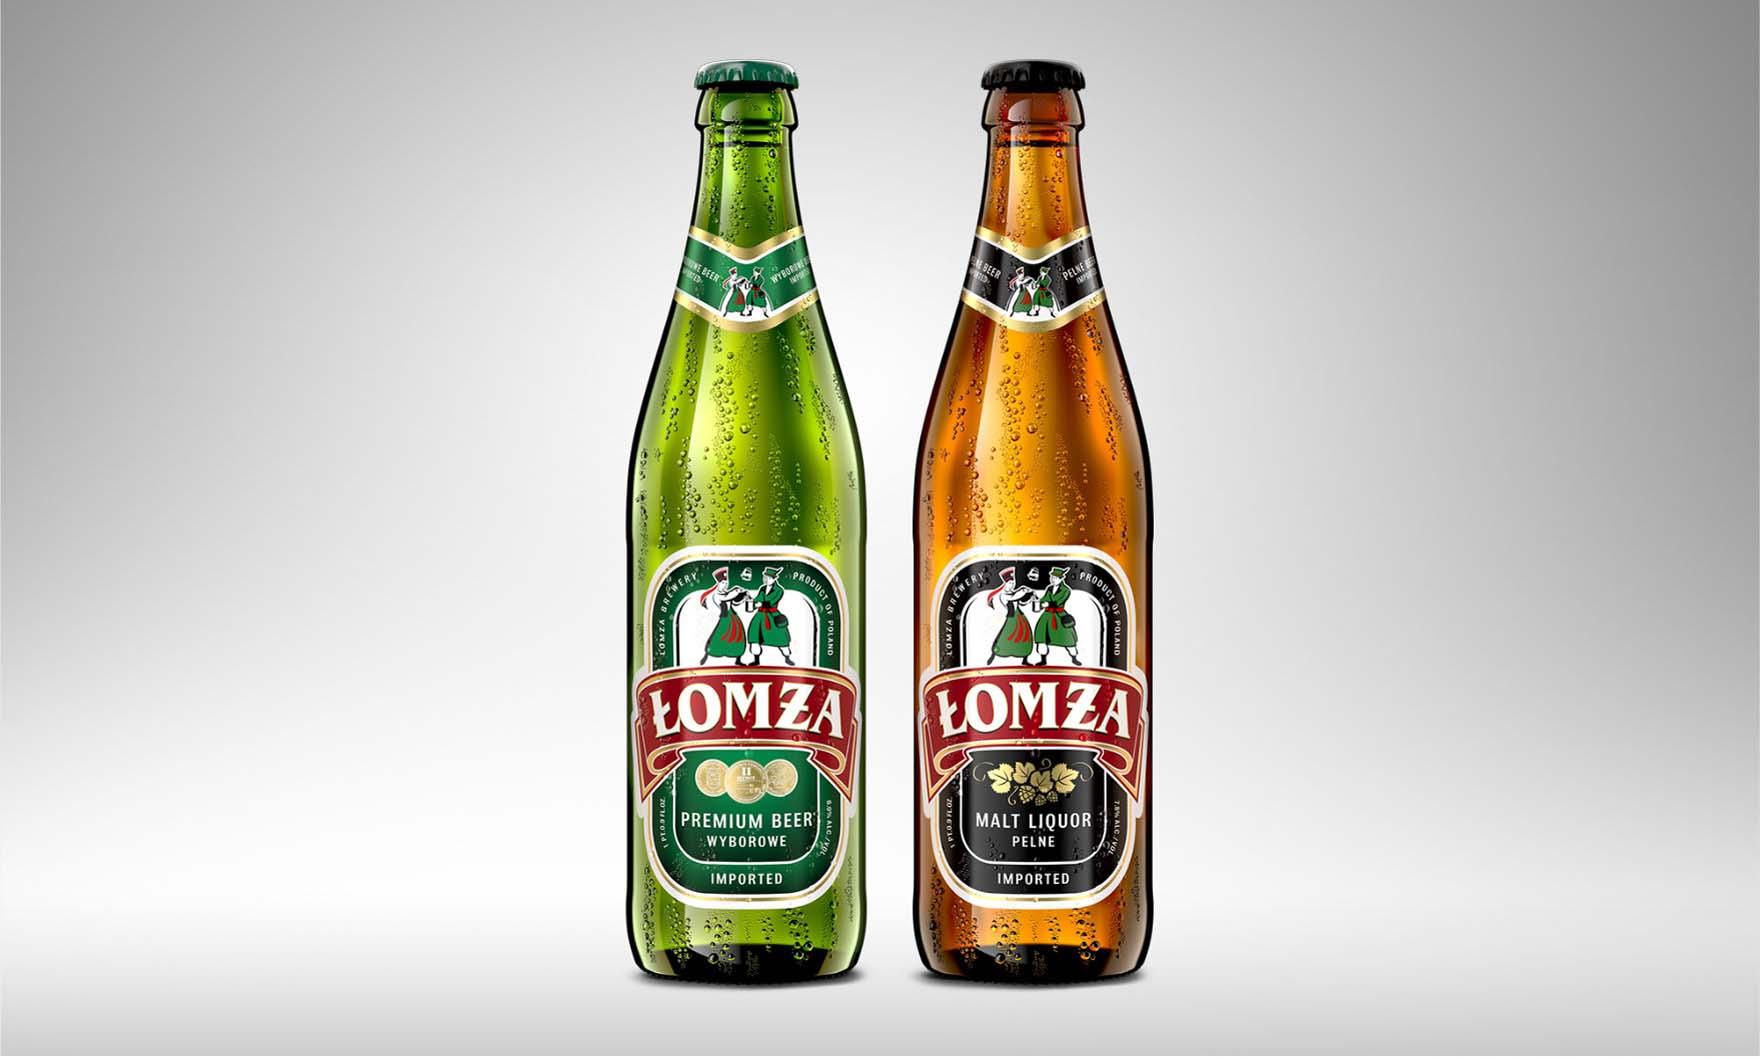 Klasyczna Etykieta Piwa Łomża